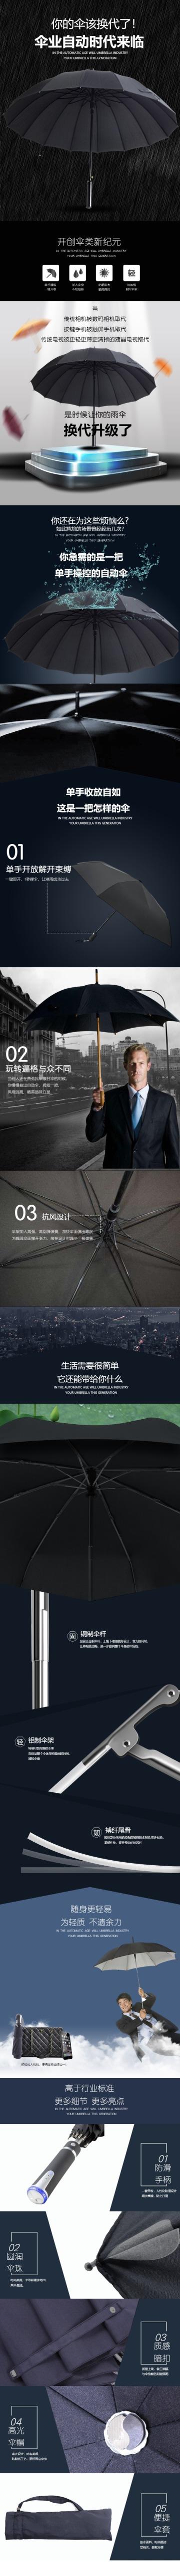 简约大气百货零售家居生活自动雨伞促销电商详情页